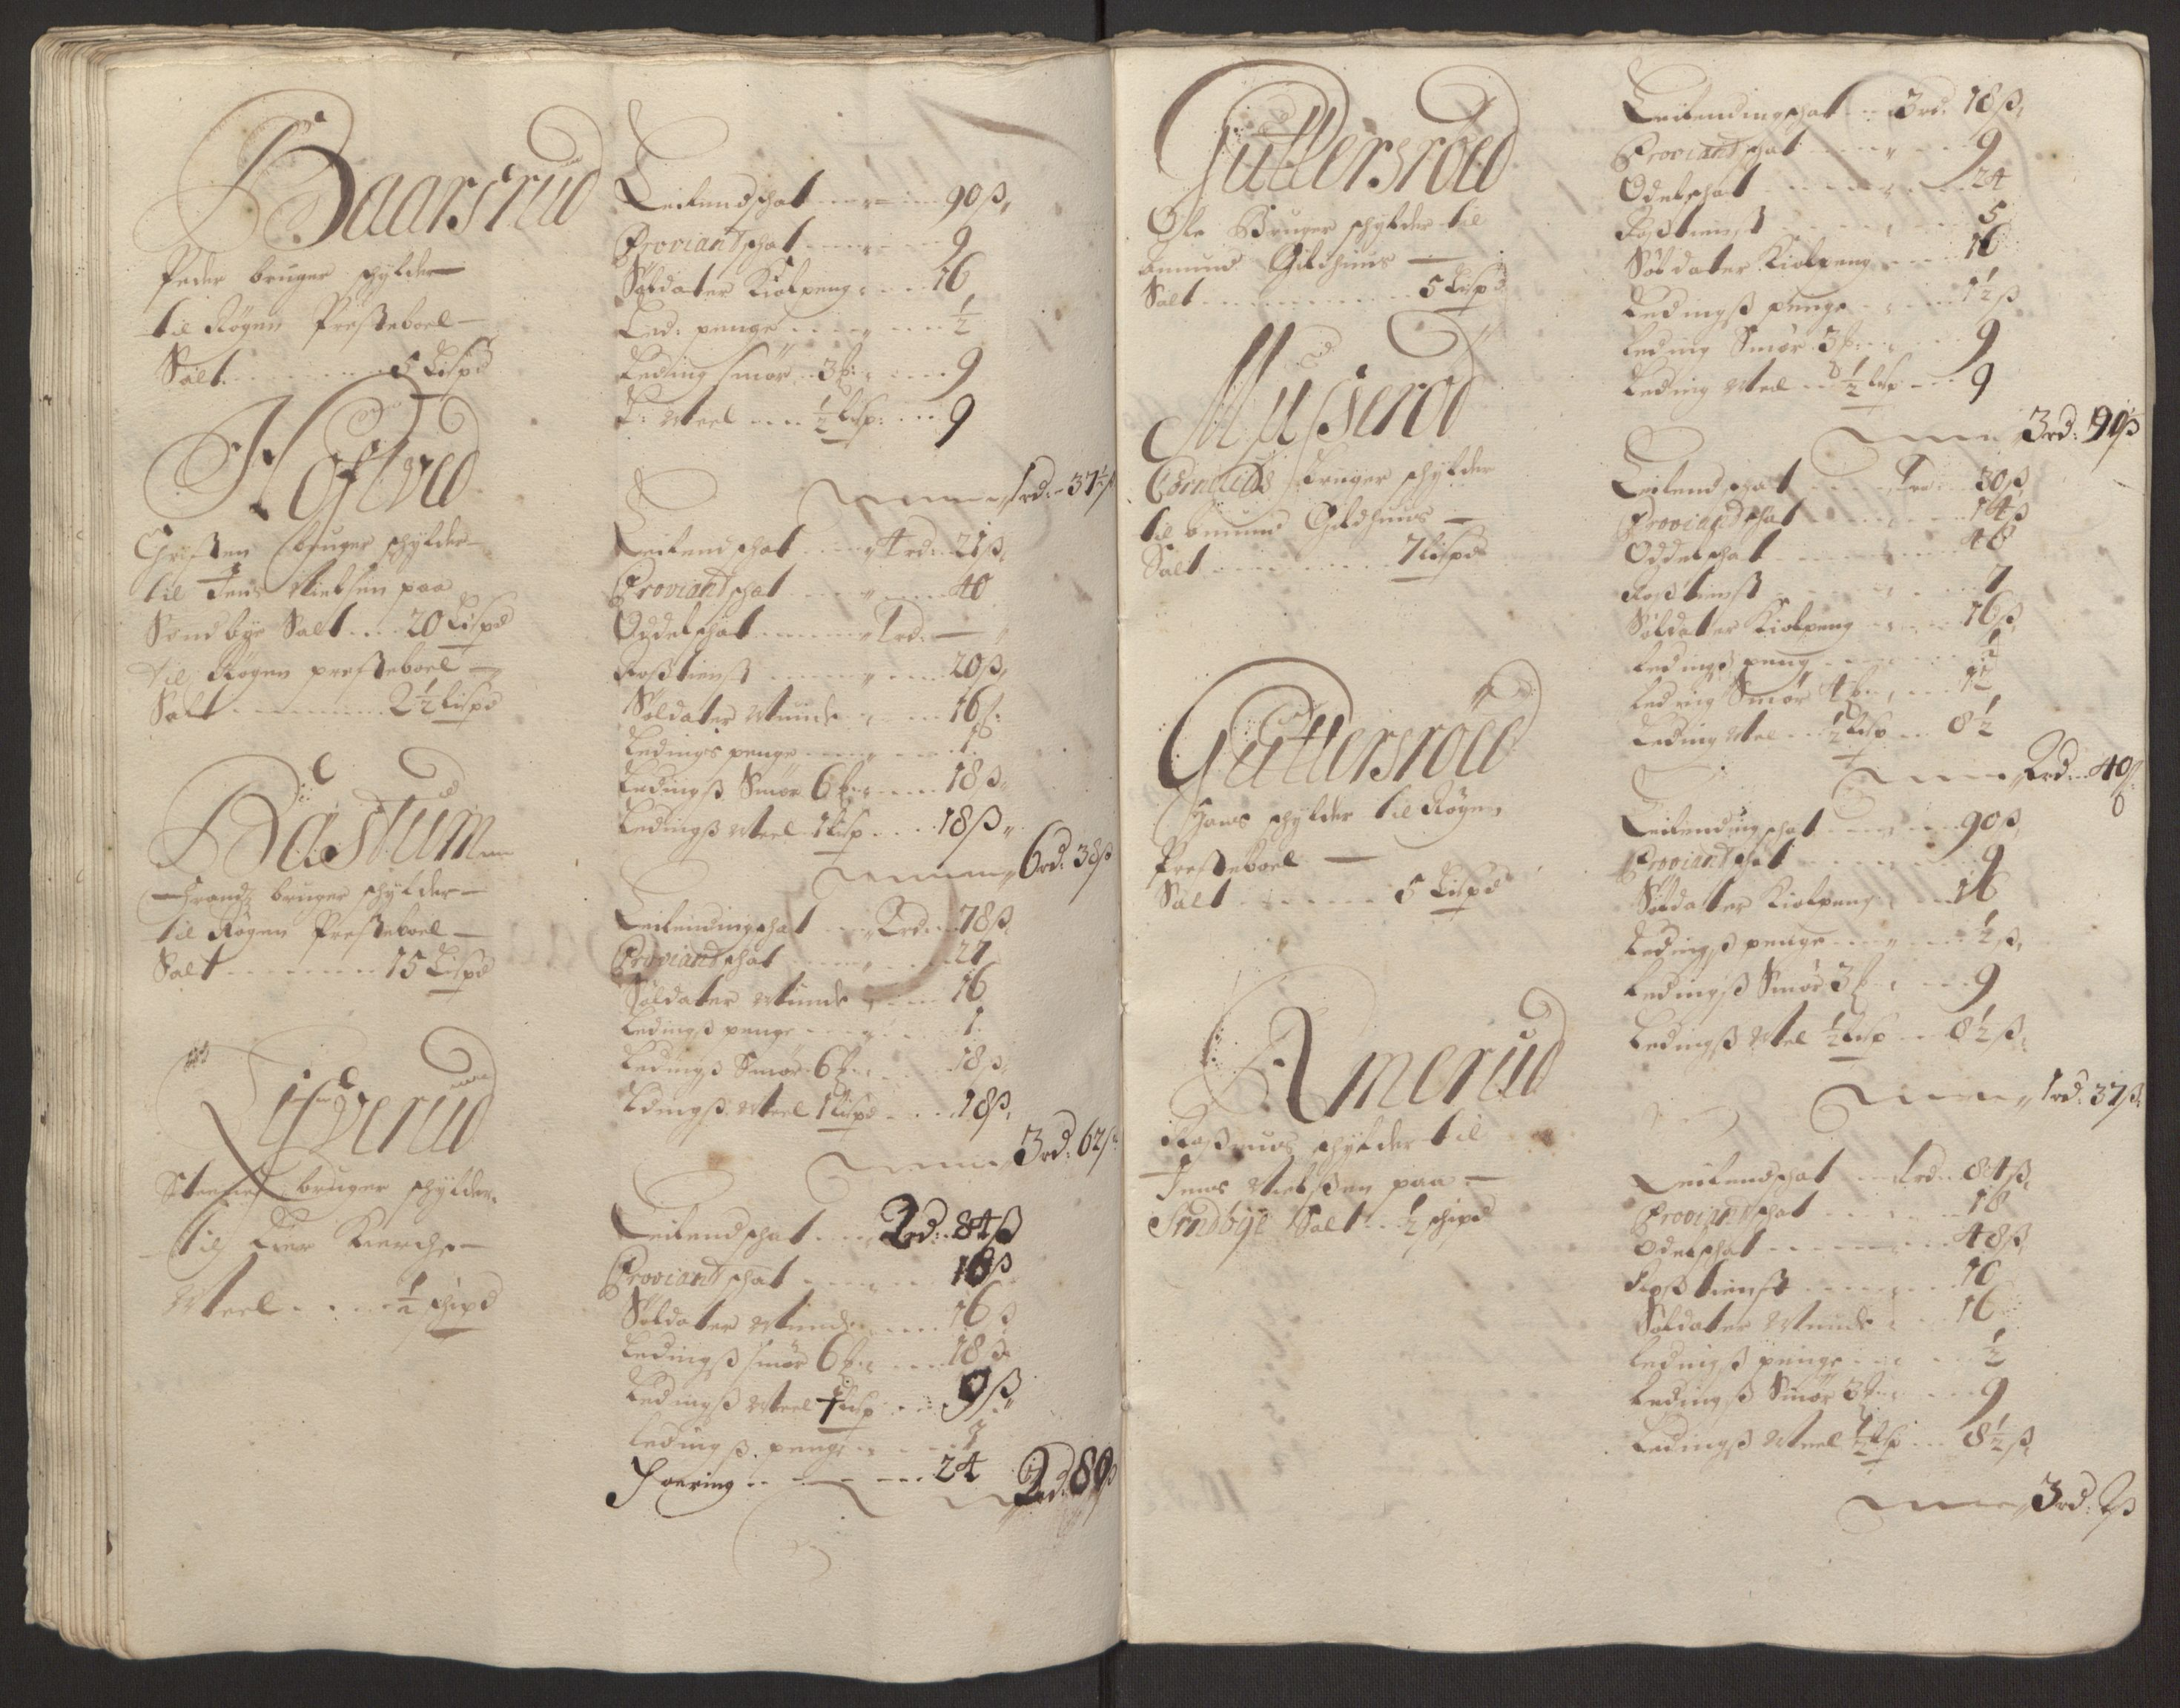 RA, Rentekammeret inntil 1814, Reviderte regnskaper, Fogderegnskap, R30/L1694: Fogderegnskap Hurum, Røyken, Eiker og Lier, 1694-1696, s. 359